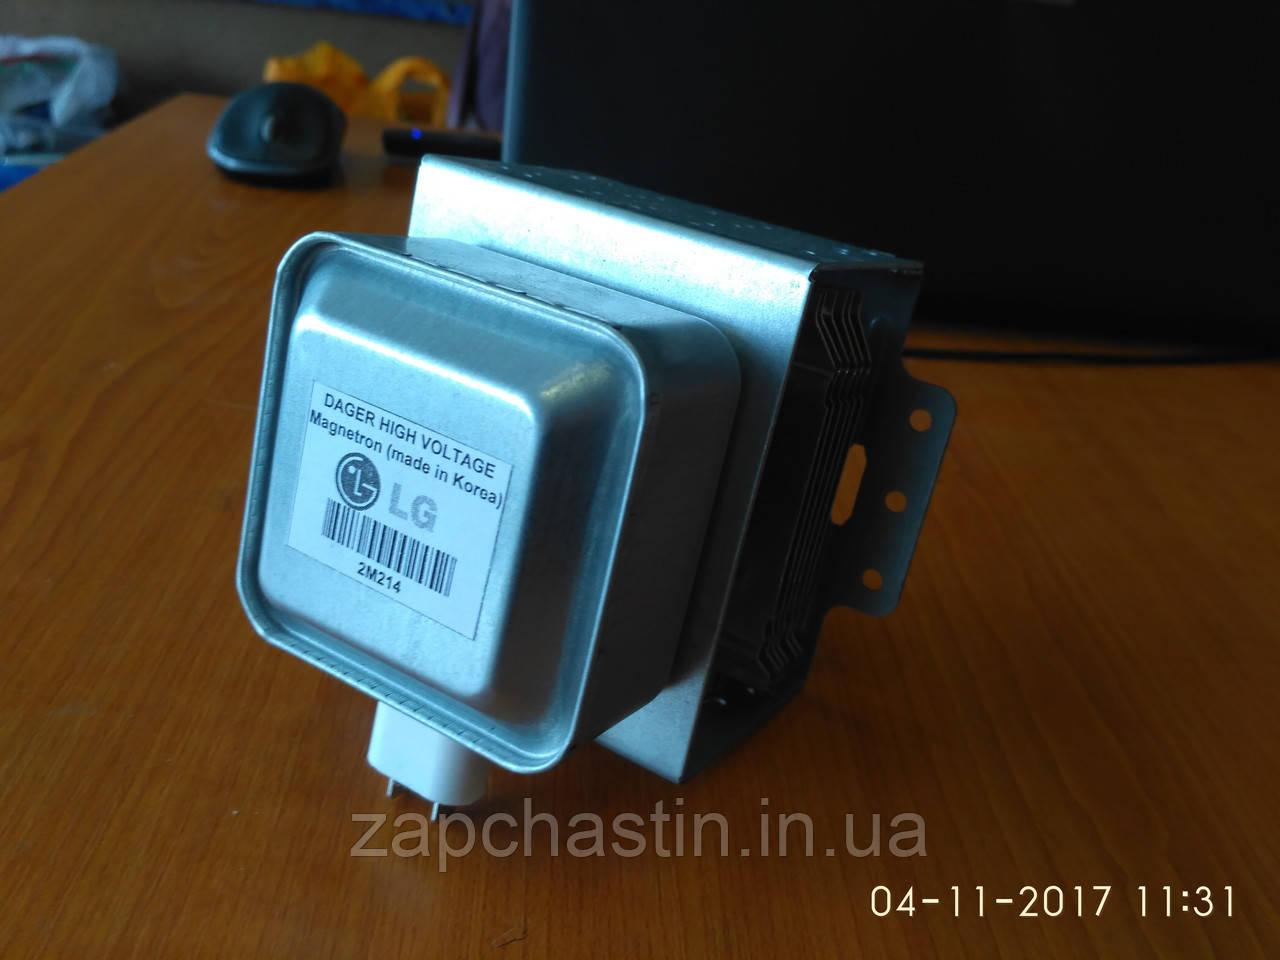 Магнетрон LG, 2 планки, контакти між планок (S-80 / Hr-93)